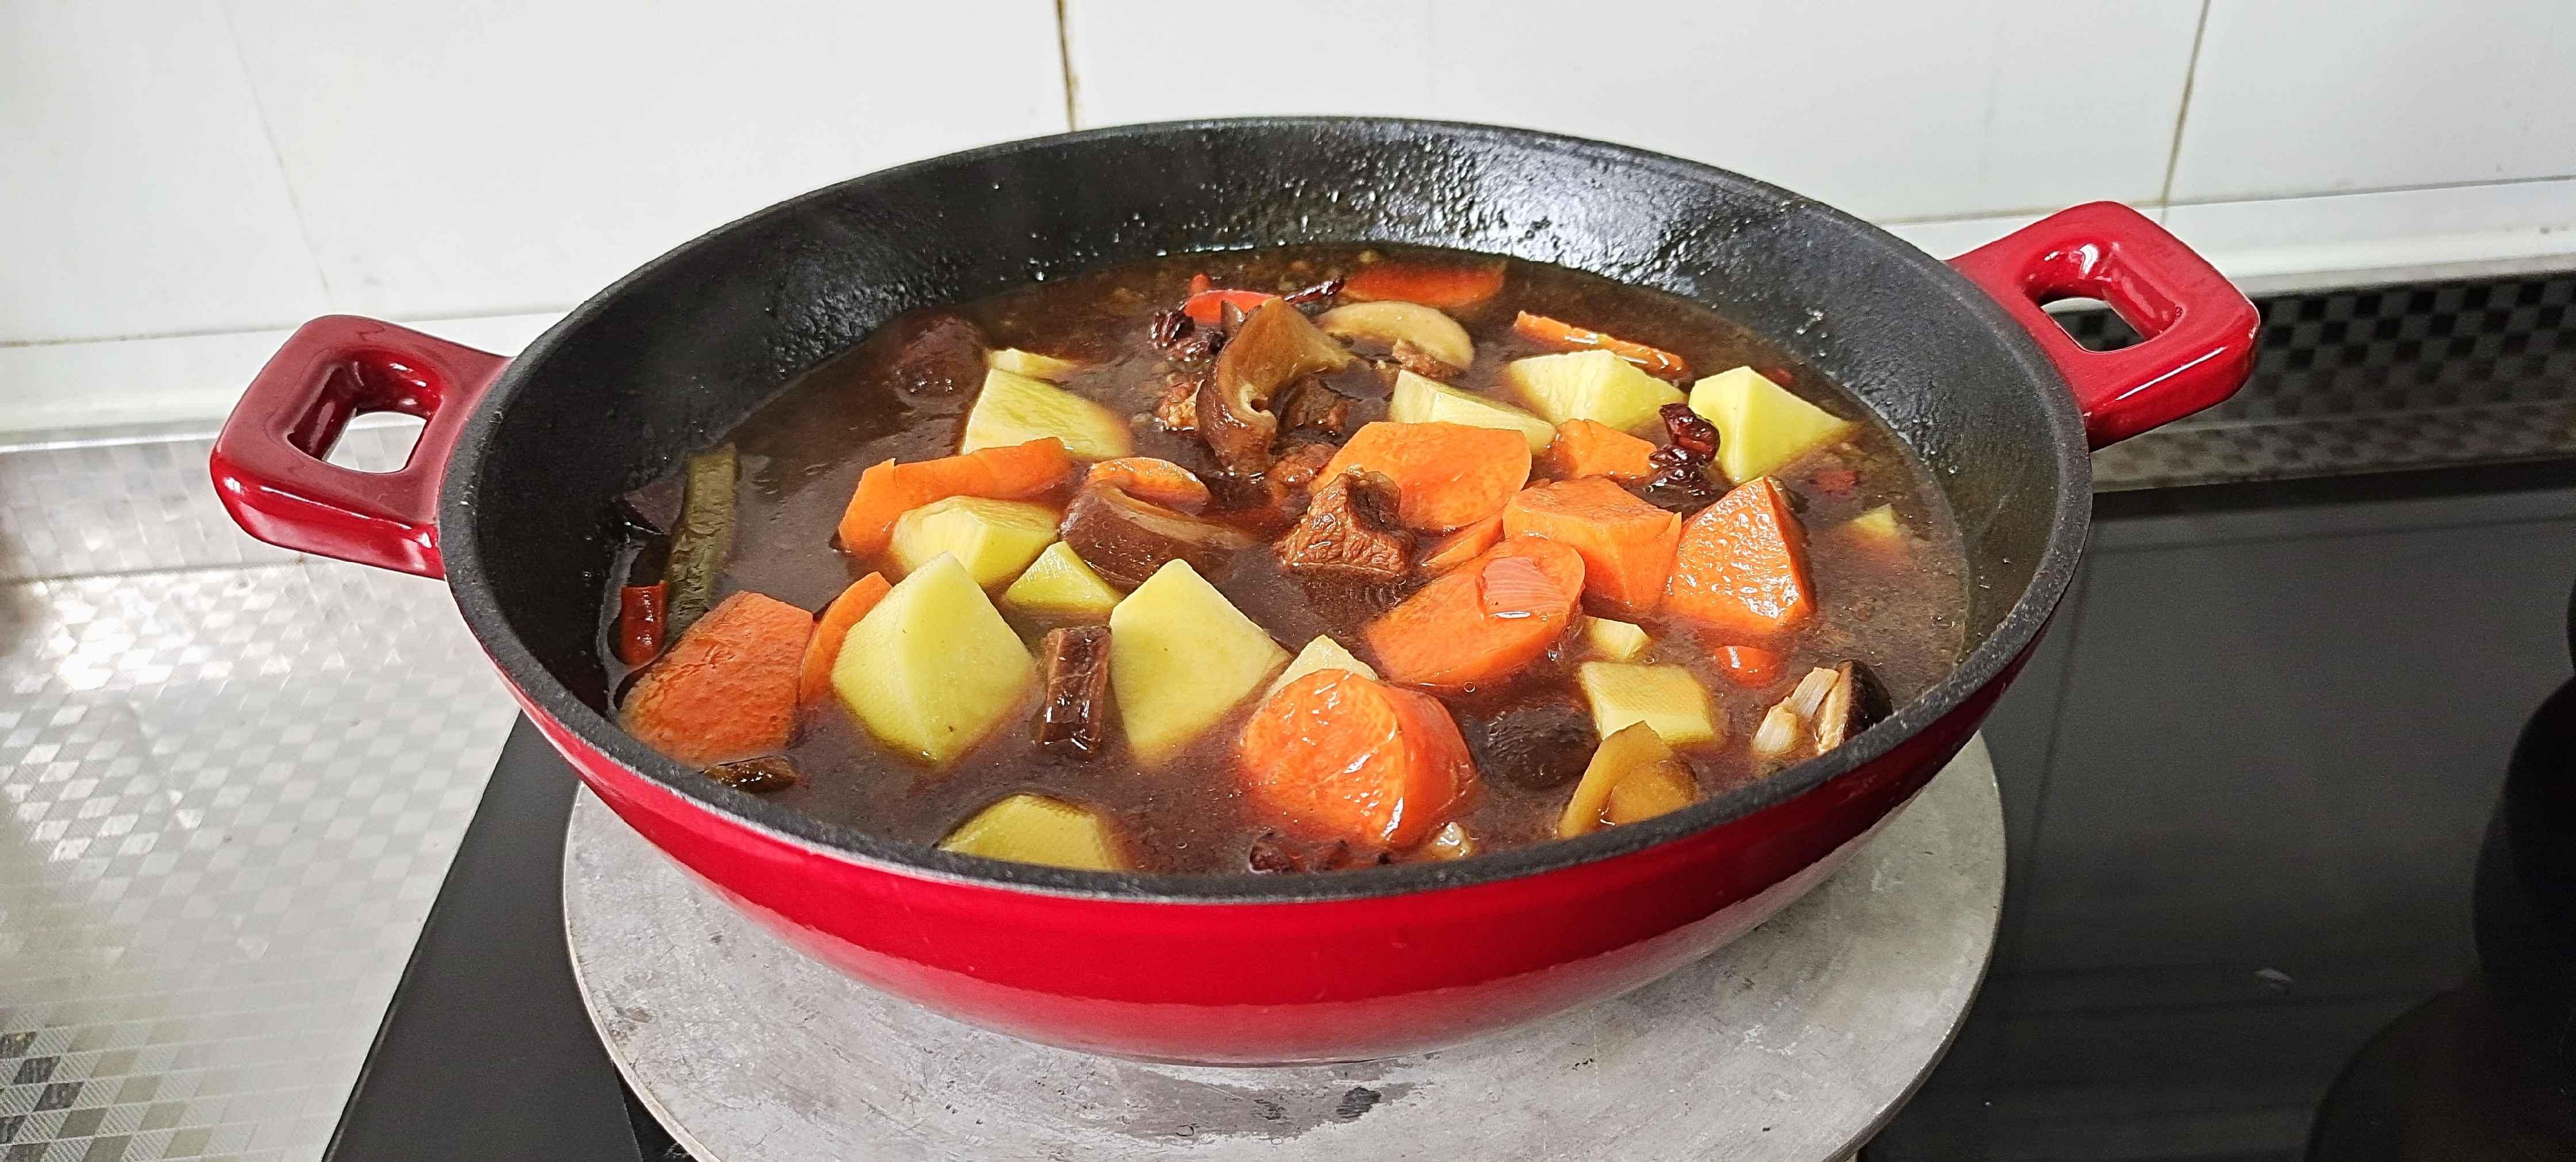 冬季牛肉这样做,暖身暖胃又滋补…红焖牛肉锅怎样煮